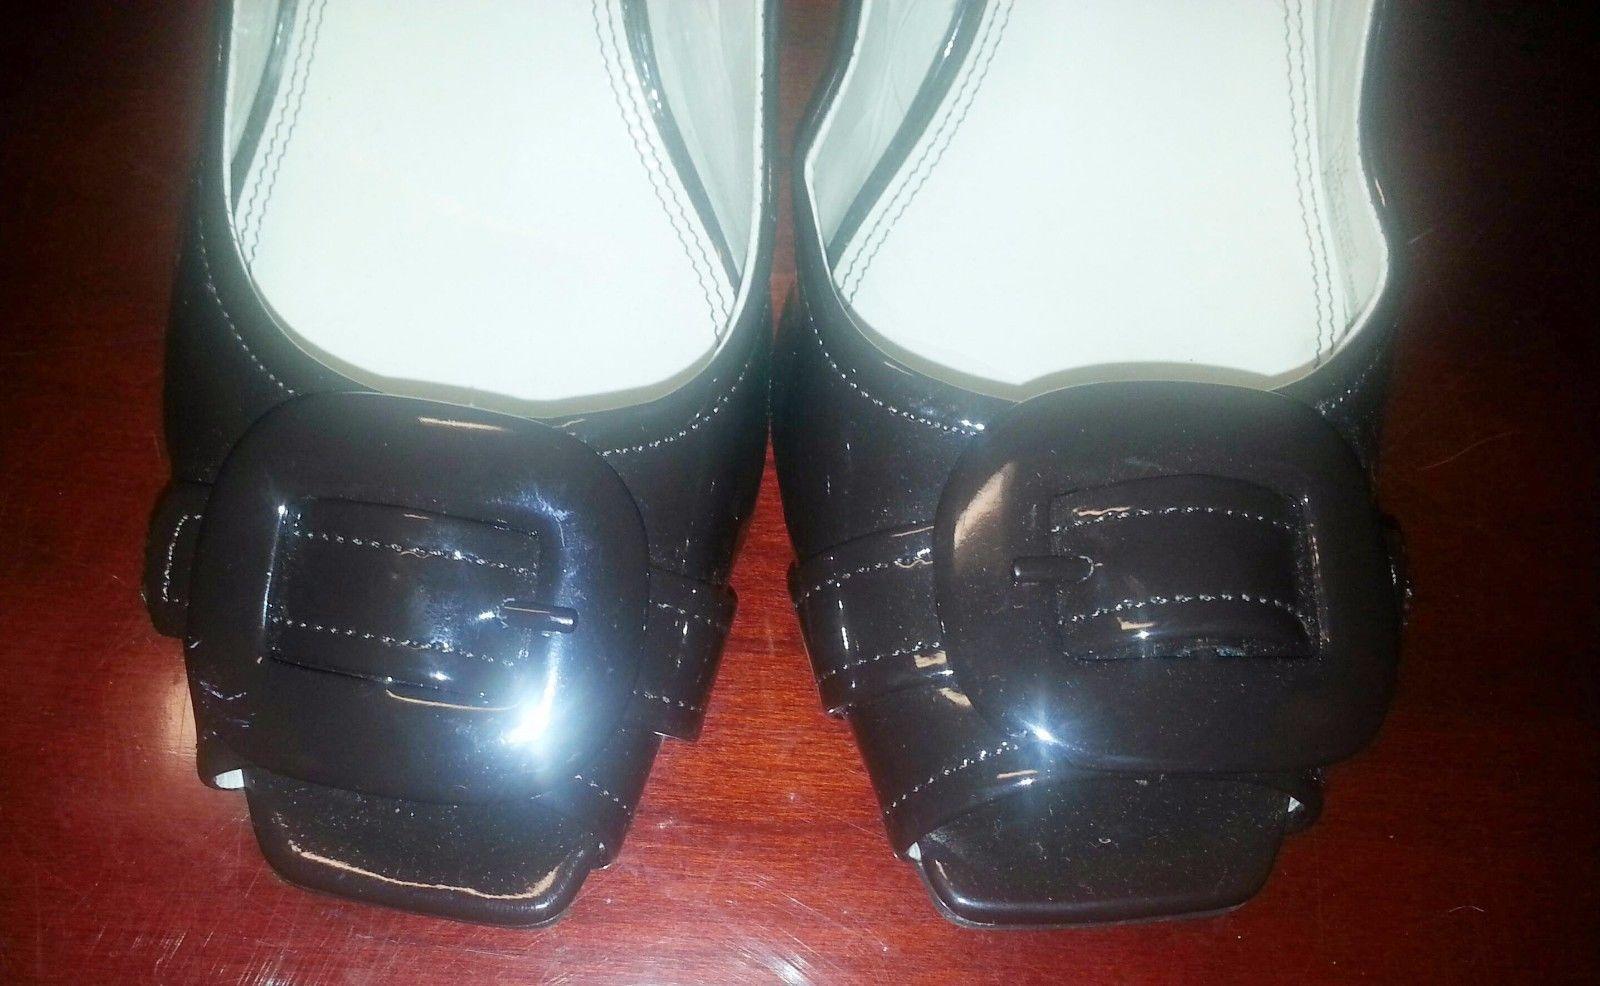 Nickels Night Chocolate Brown Patent Pumps Dress Heels Peep Toe 11M NWOB